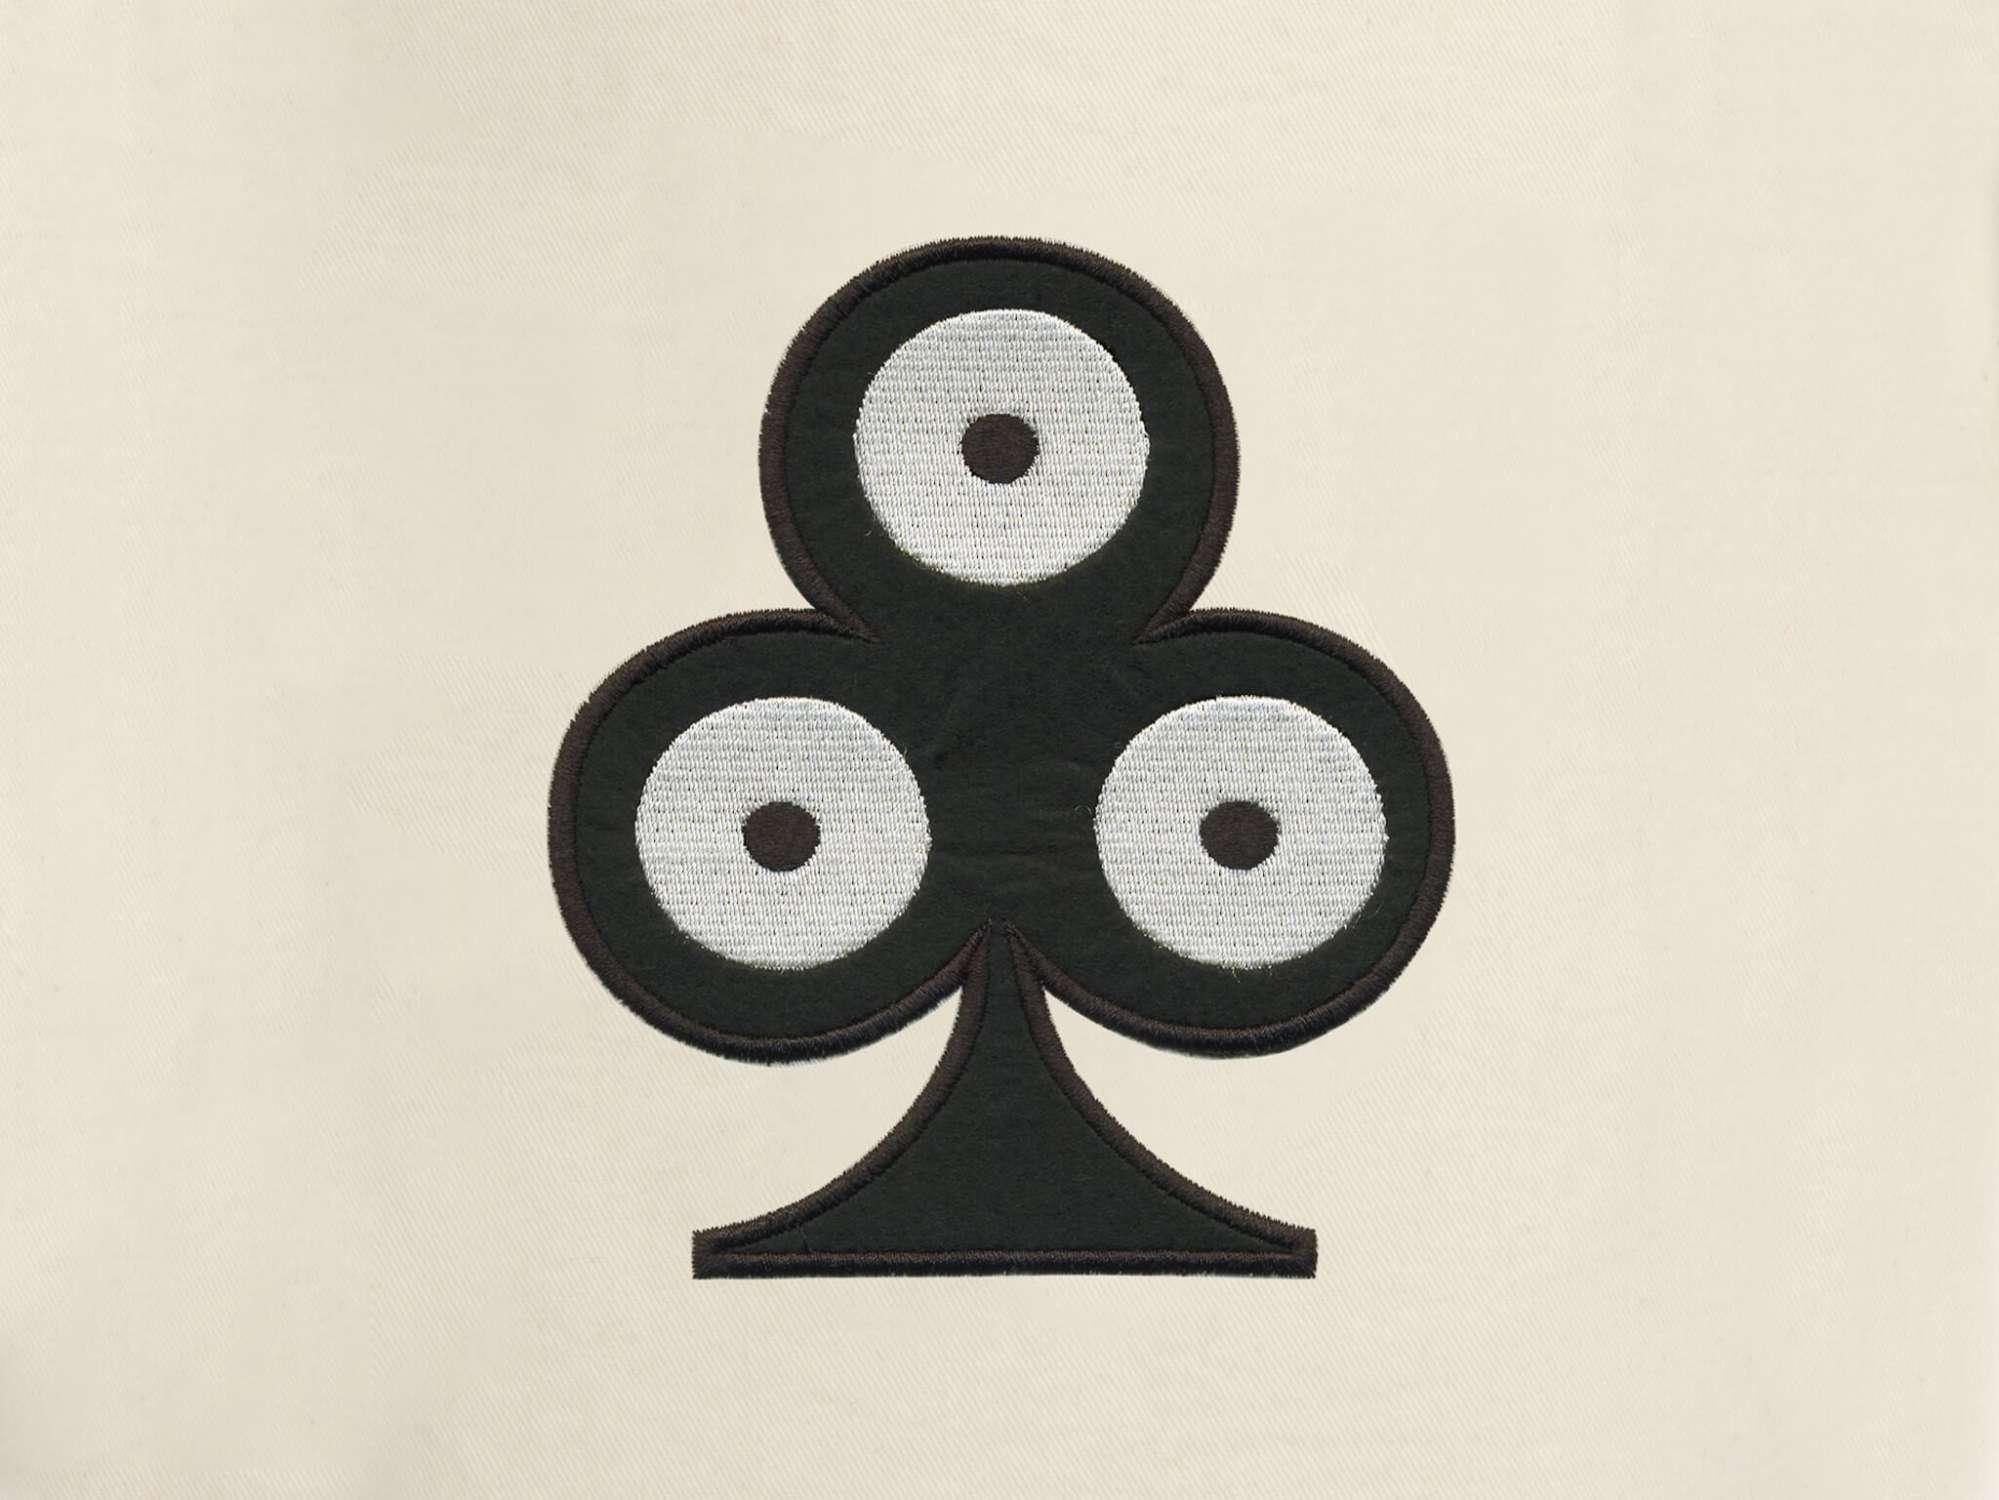 détail de la pochette de voyage trèfle, elle reprend le motif trèfle pokerface phares du studio Ich&Kar.